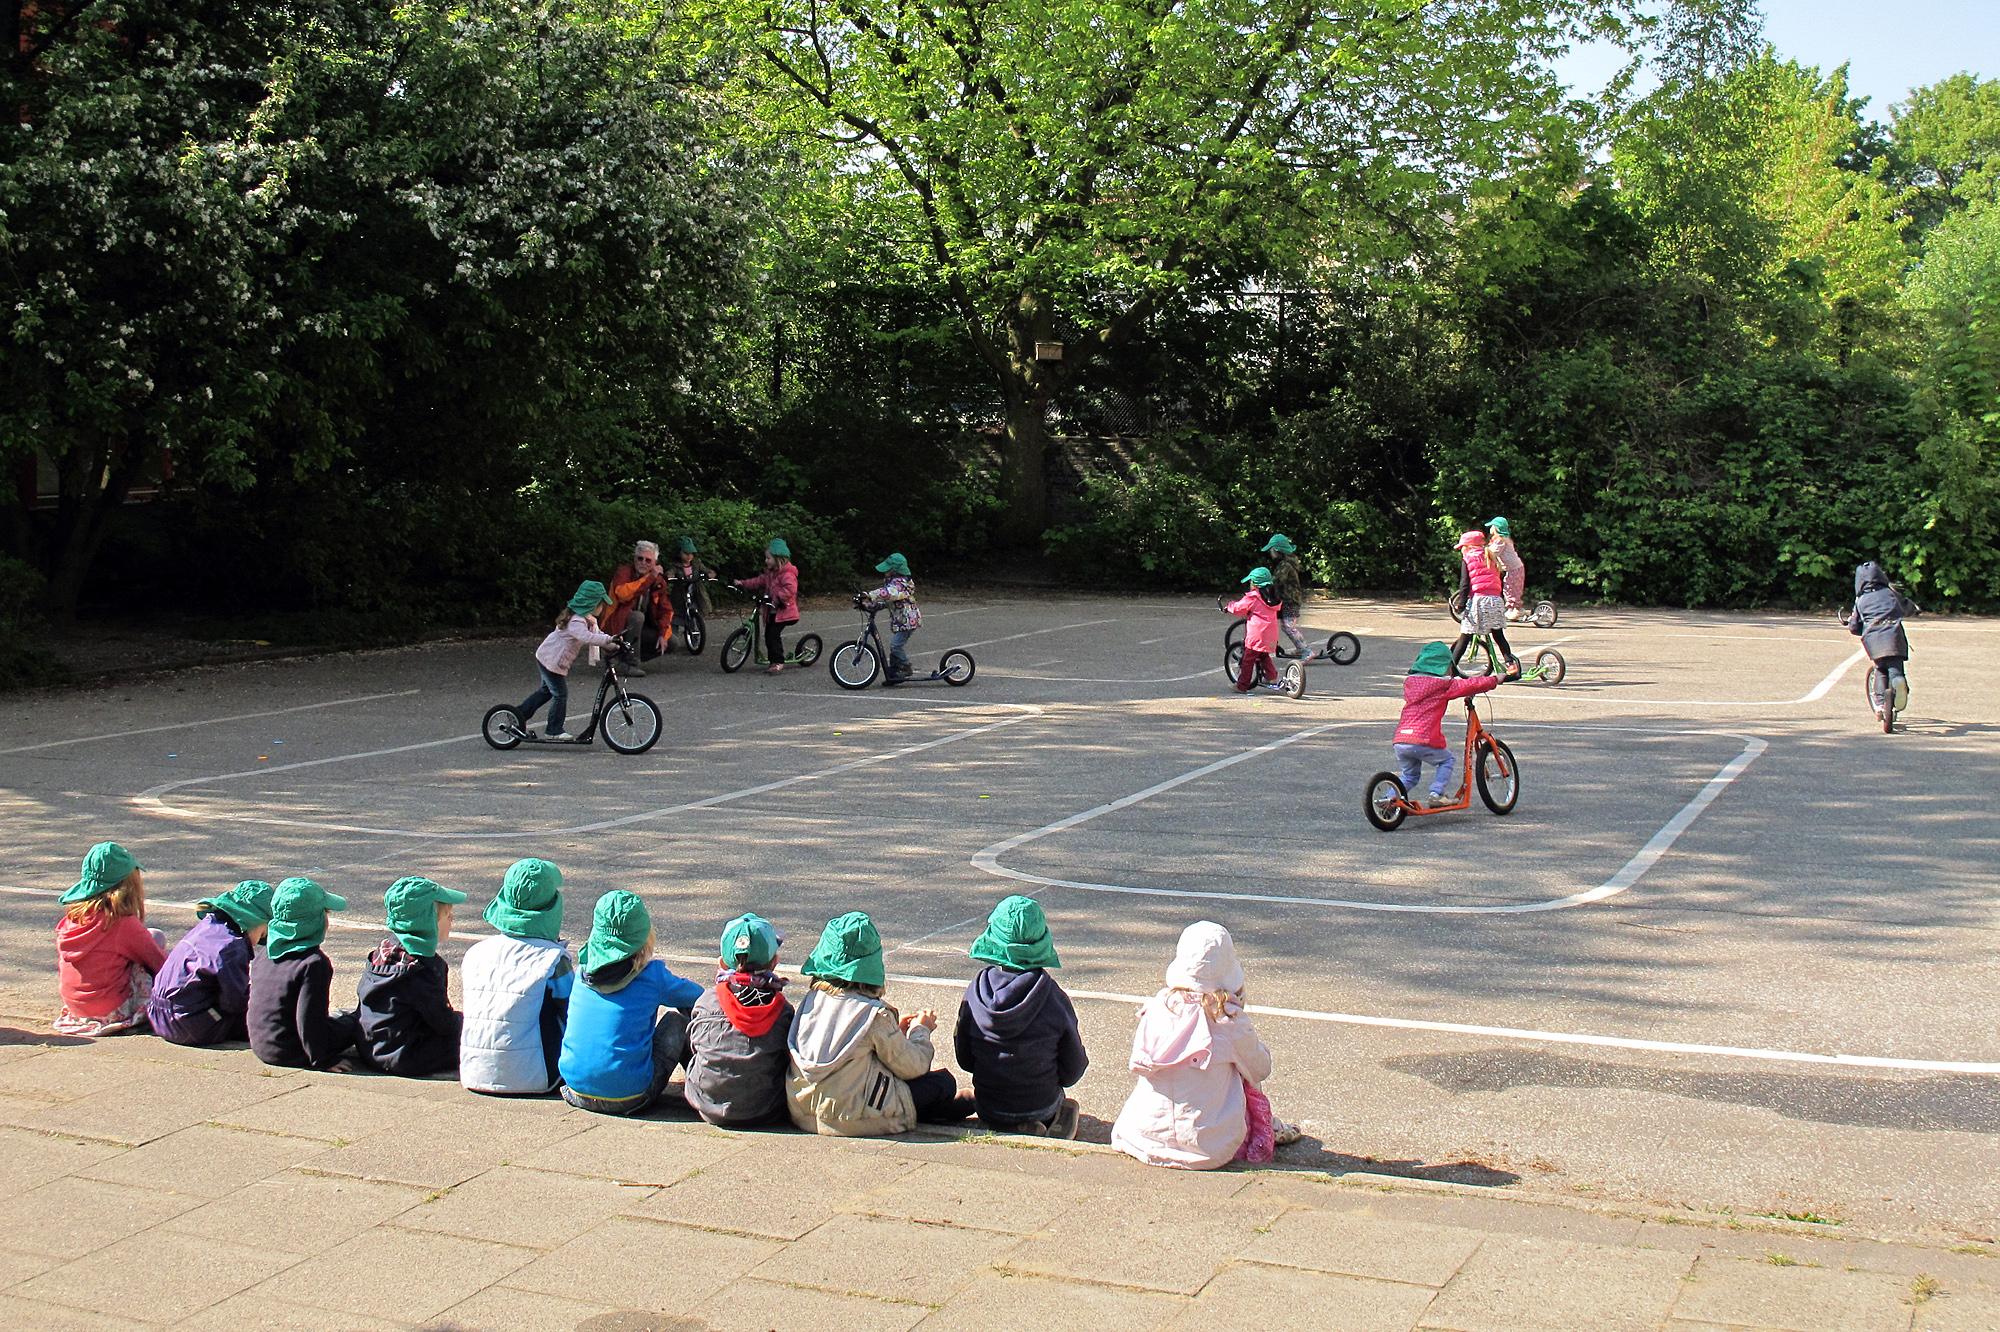 sicher und souverän auf zwei Rädern mit Kindern - Foto Christian Burmeister